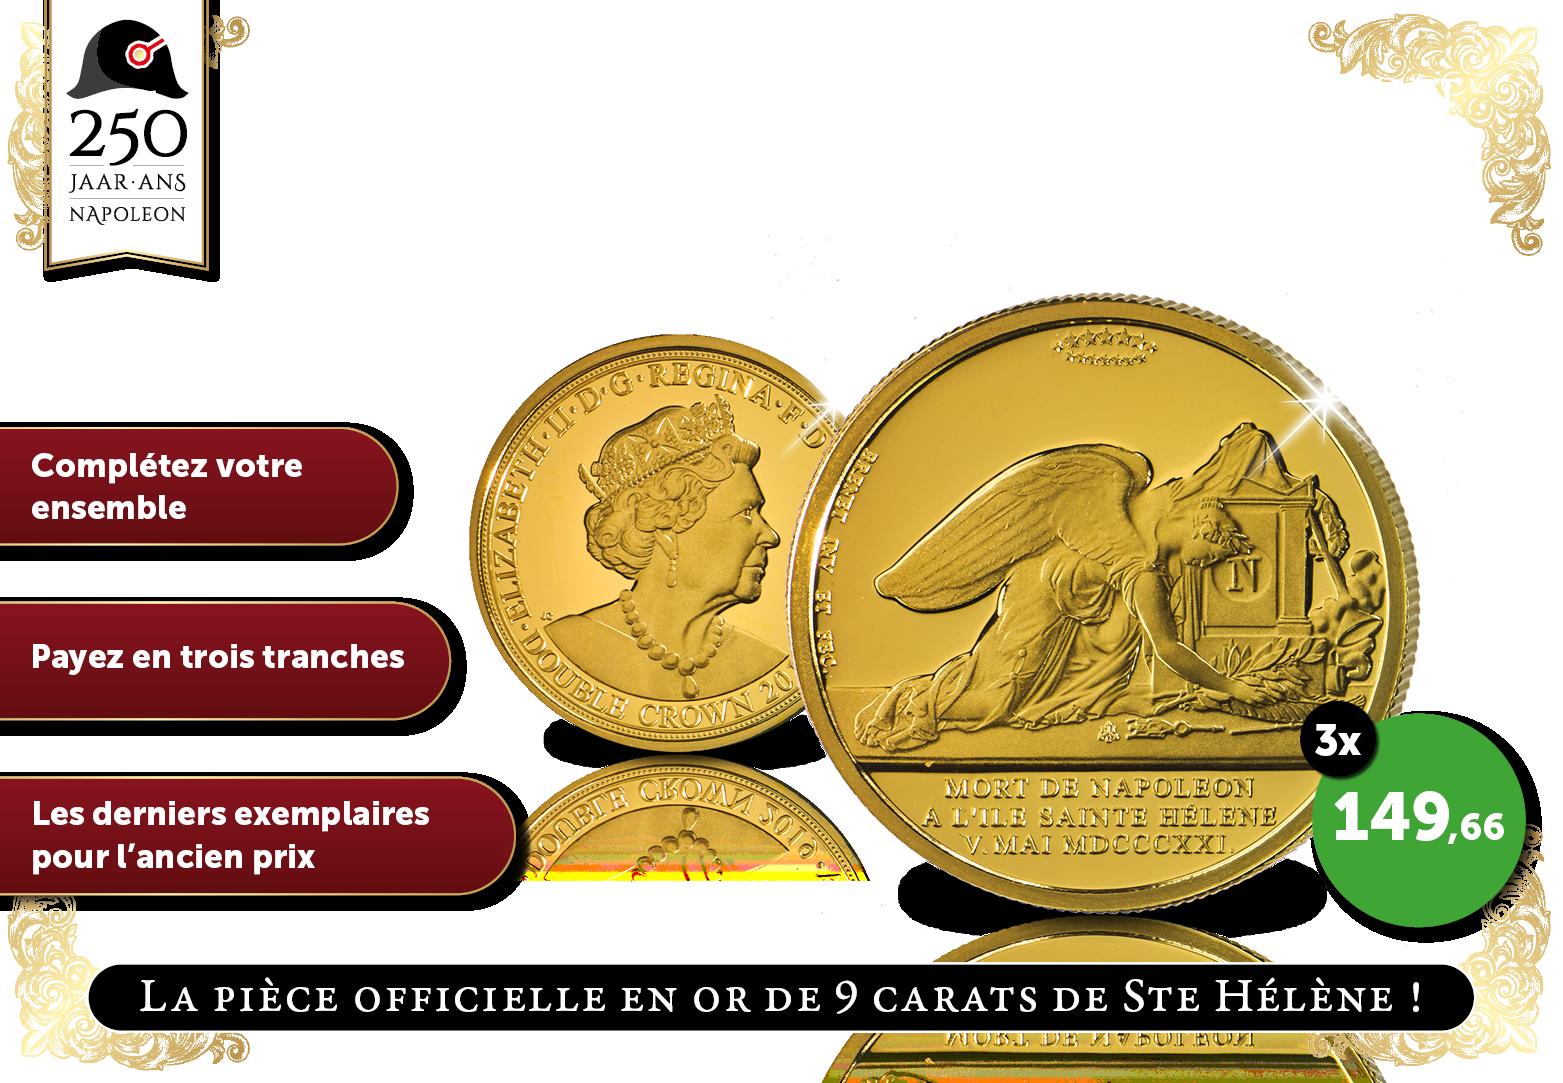 Pièce officielle de Ste Hélène où Napoléon